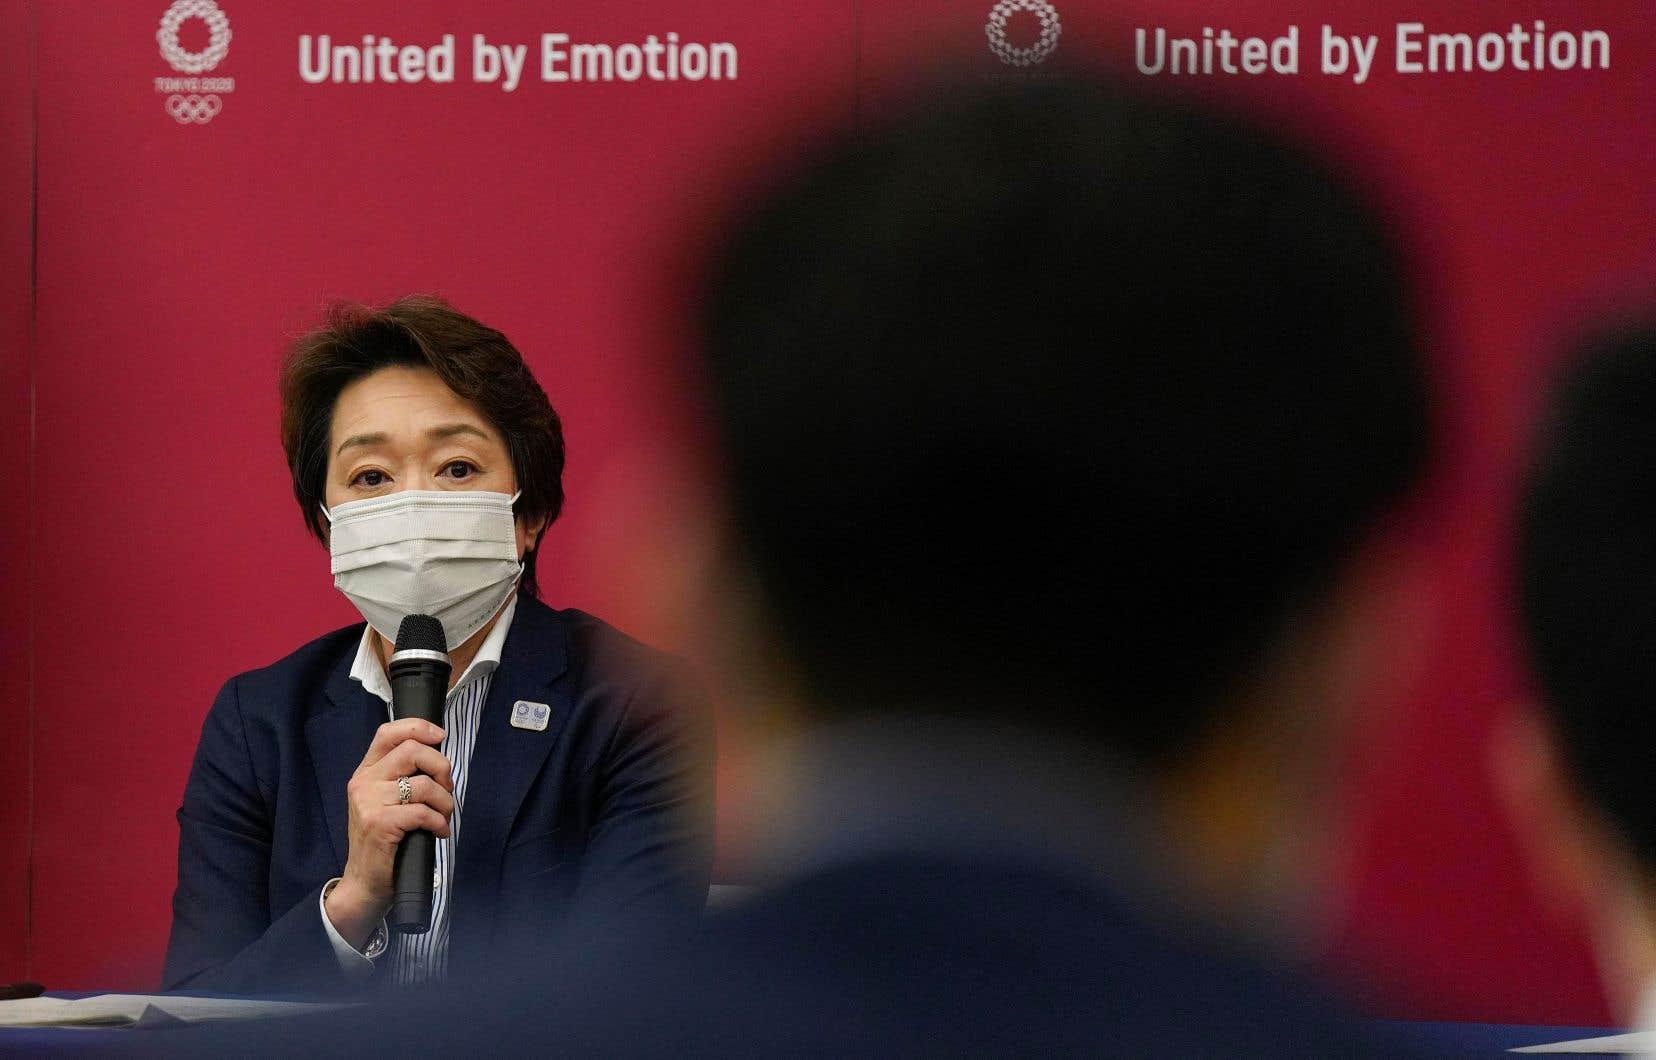 SeikoHashimoto a dit avoir le sentiment que l'opinion publique nipponne est en train de changer d'avis alors que le rythme de la campagne de vaccination au Japon, initialement très lent, commence à s'accélérer.